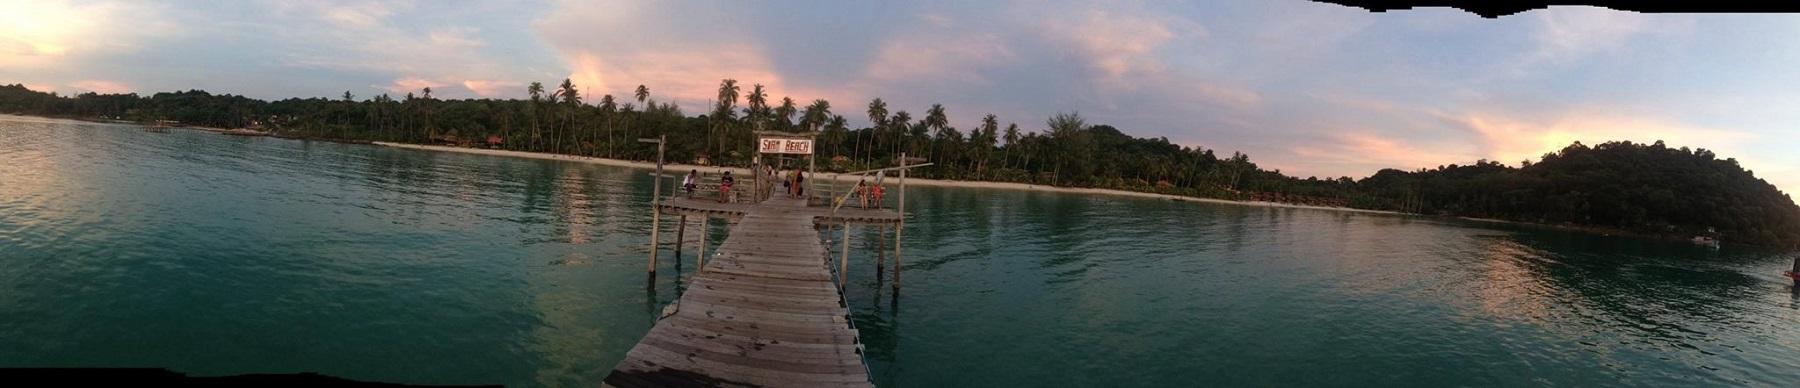 BB-shop-at-Siam-beach-pier